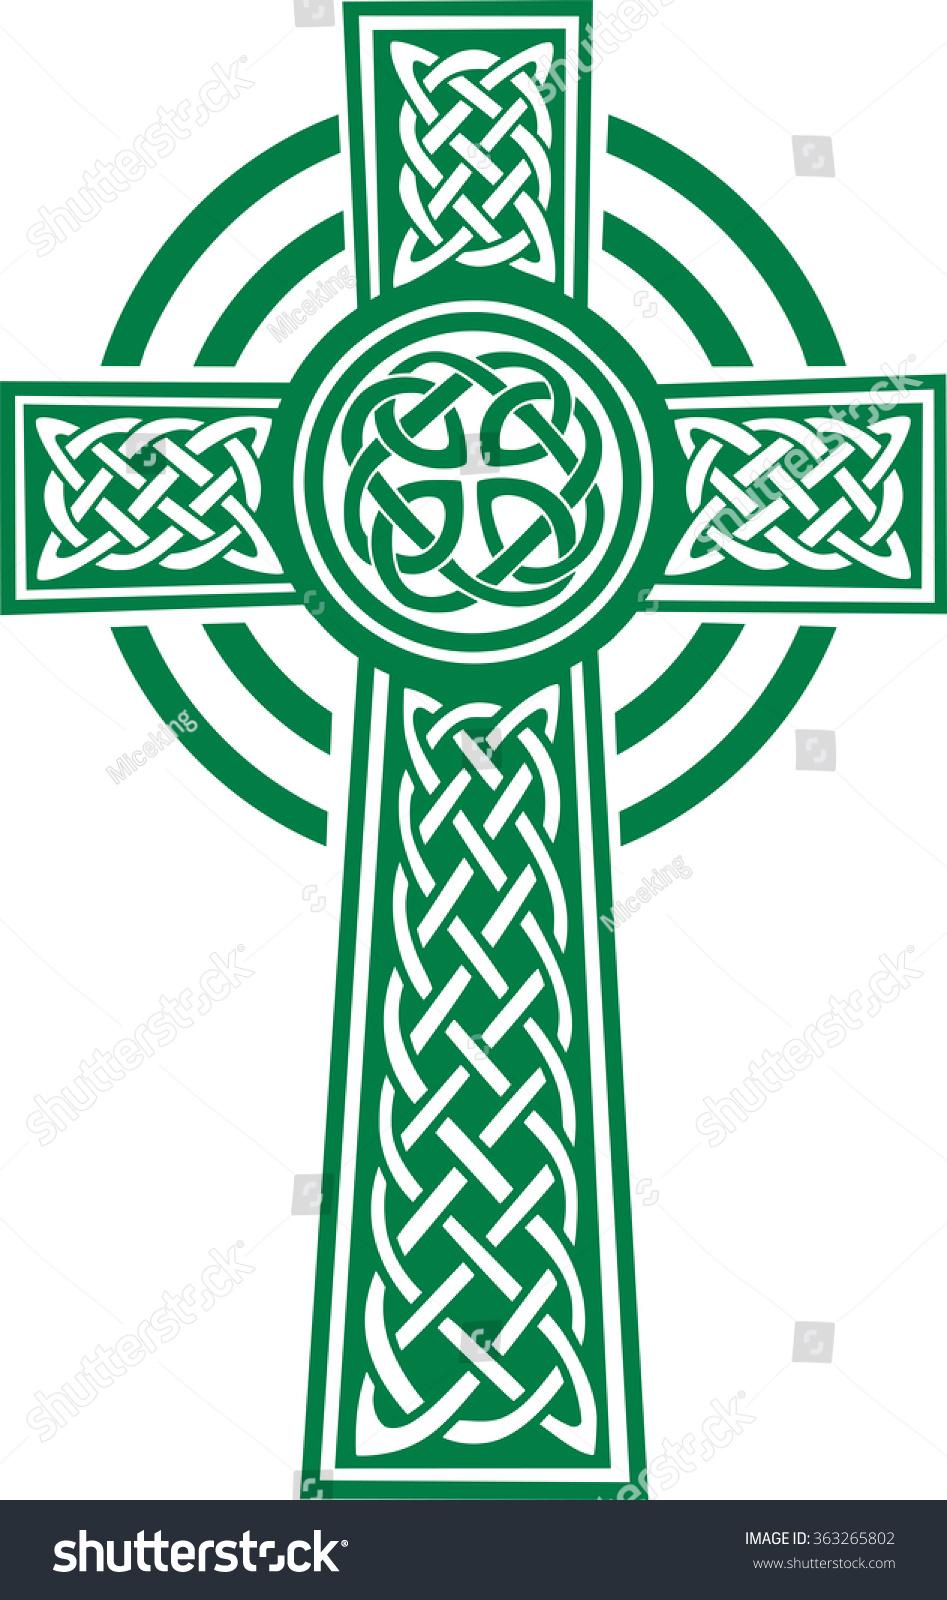 green celtic cross details stock vector 363265802